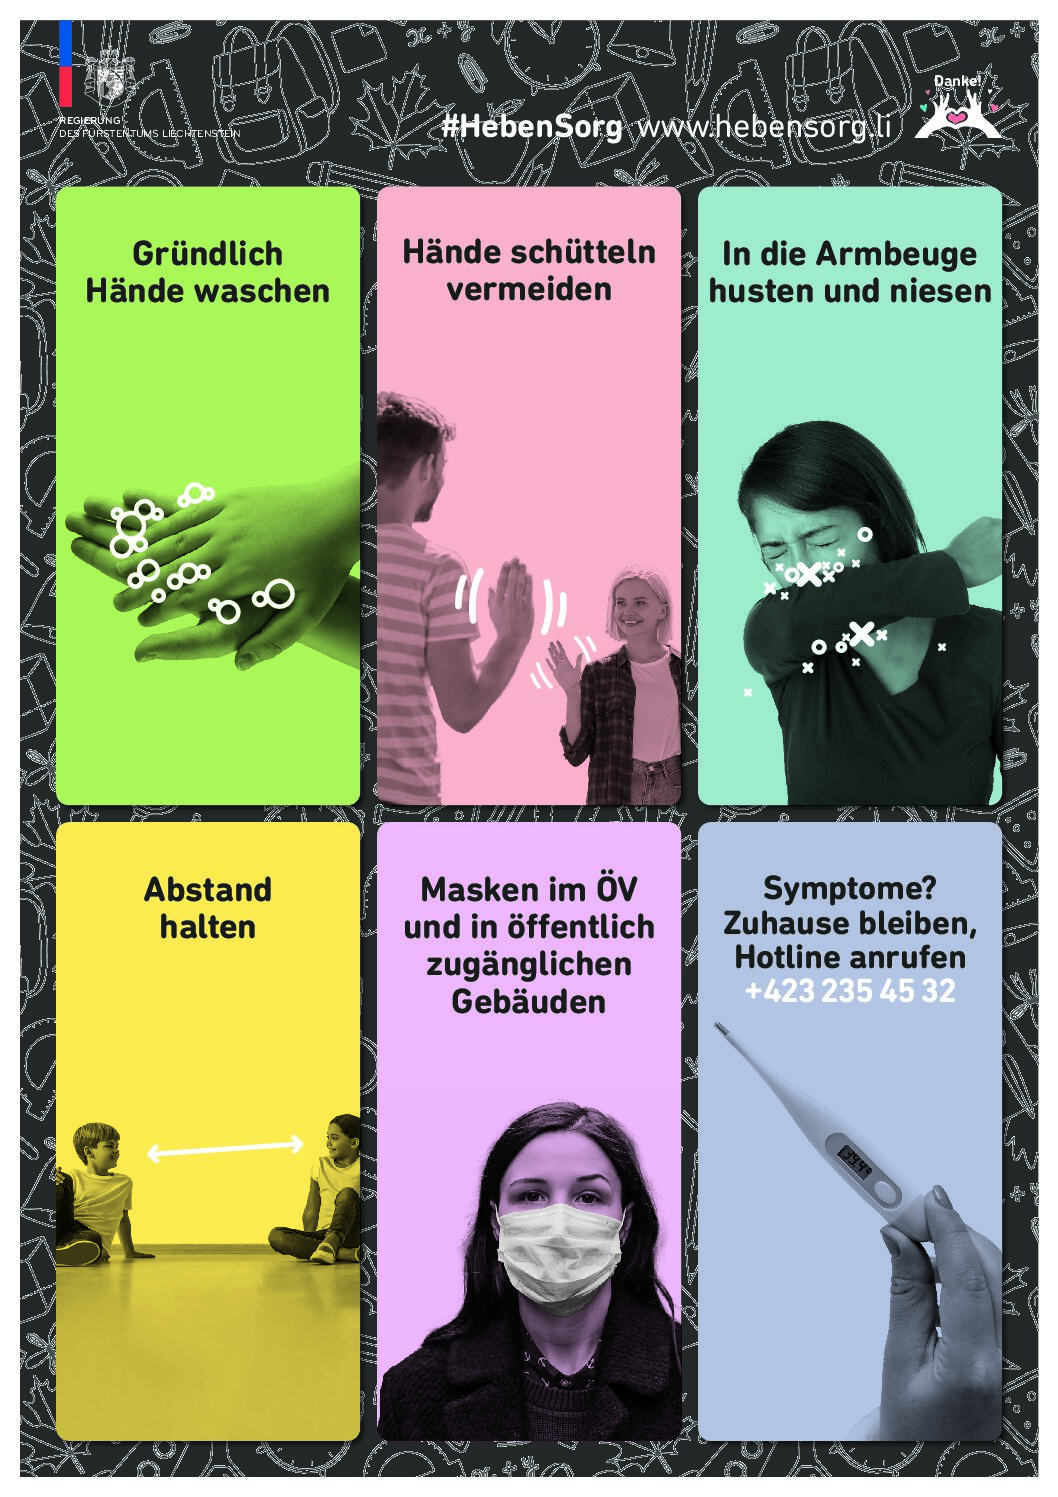 Coronavirus – Hygiene- und Verhaltensregeln